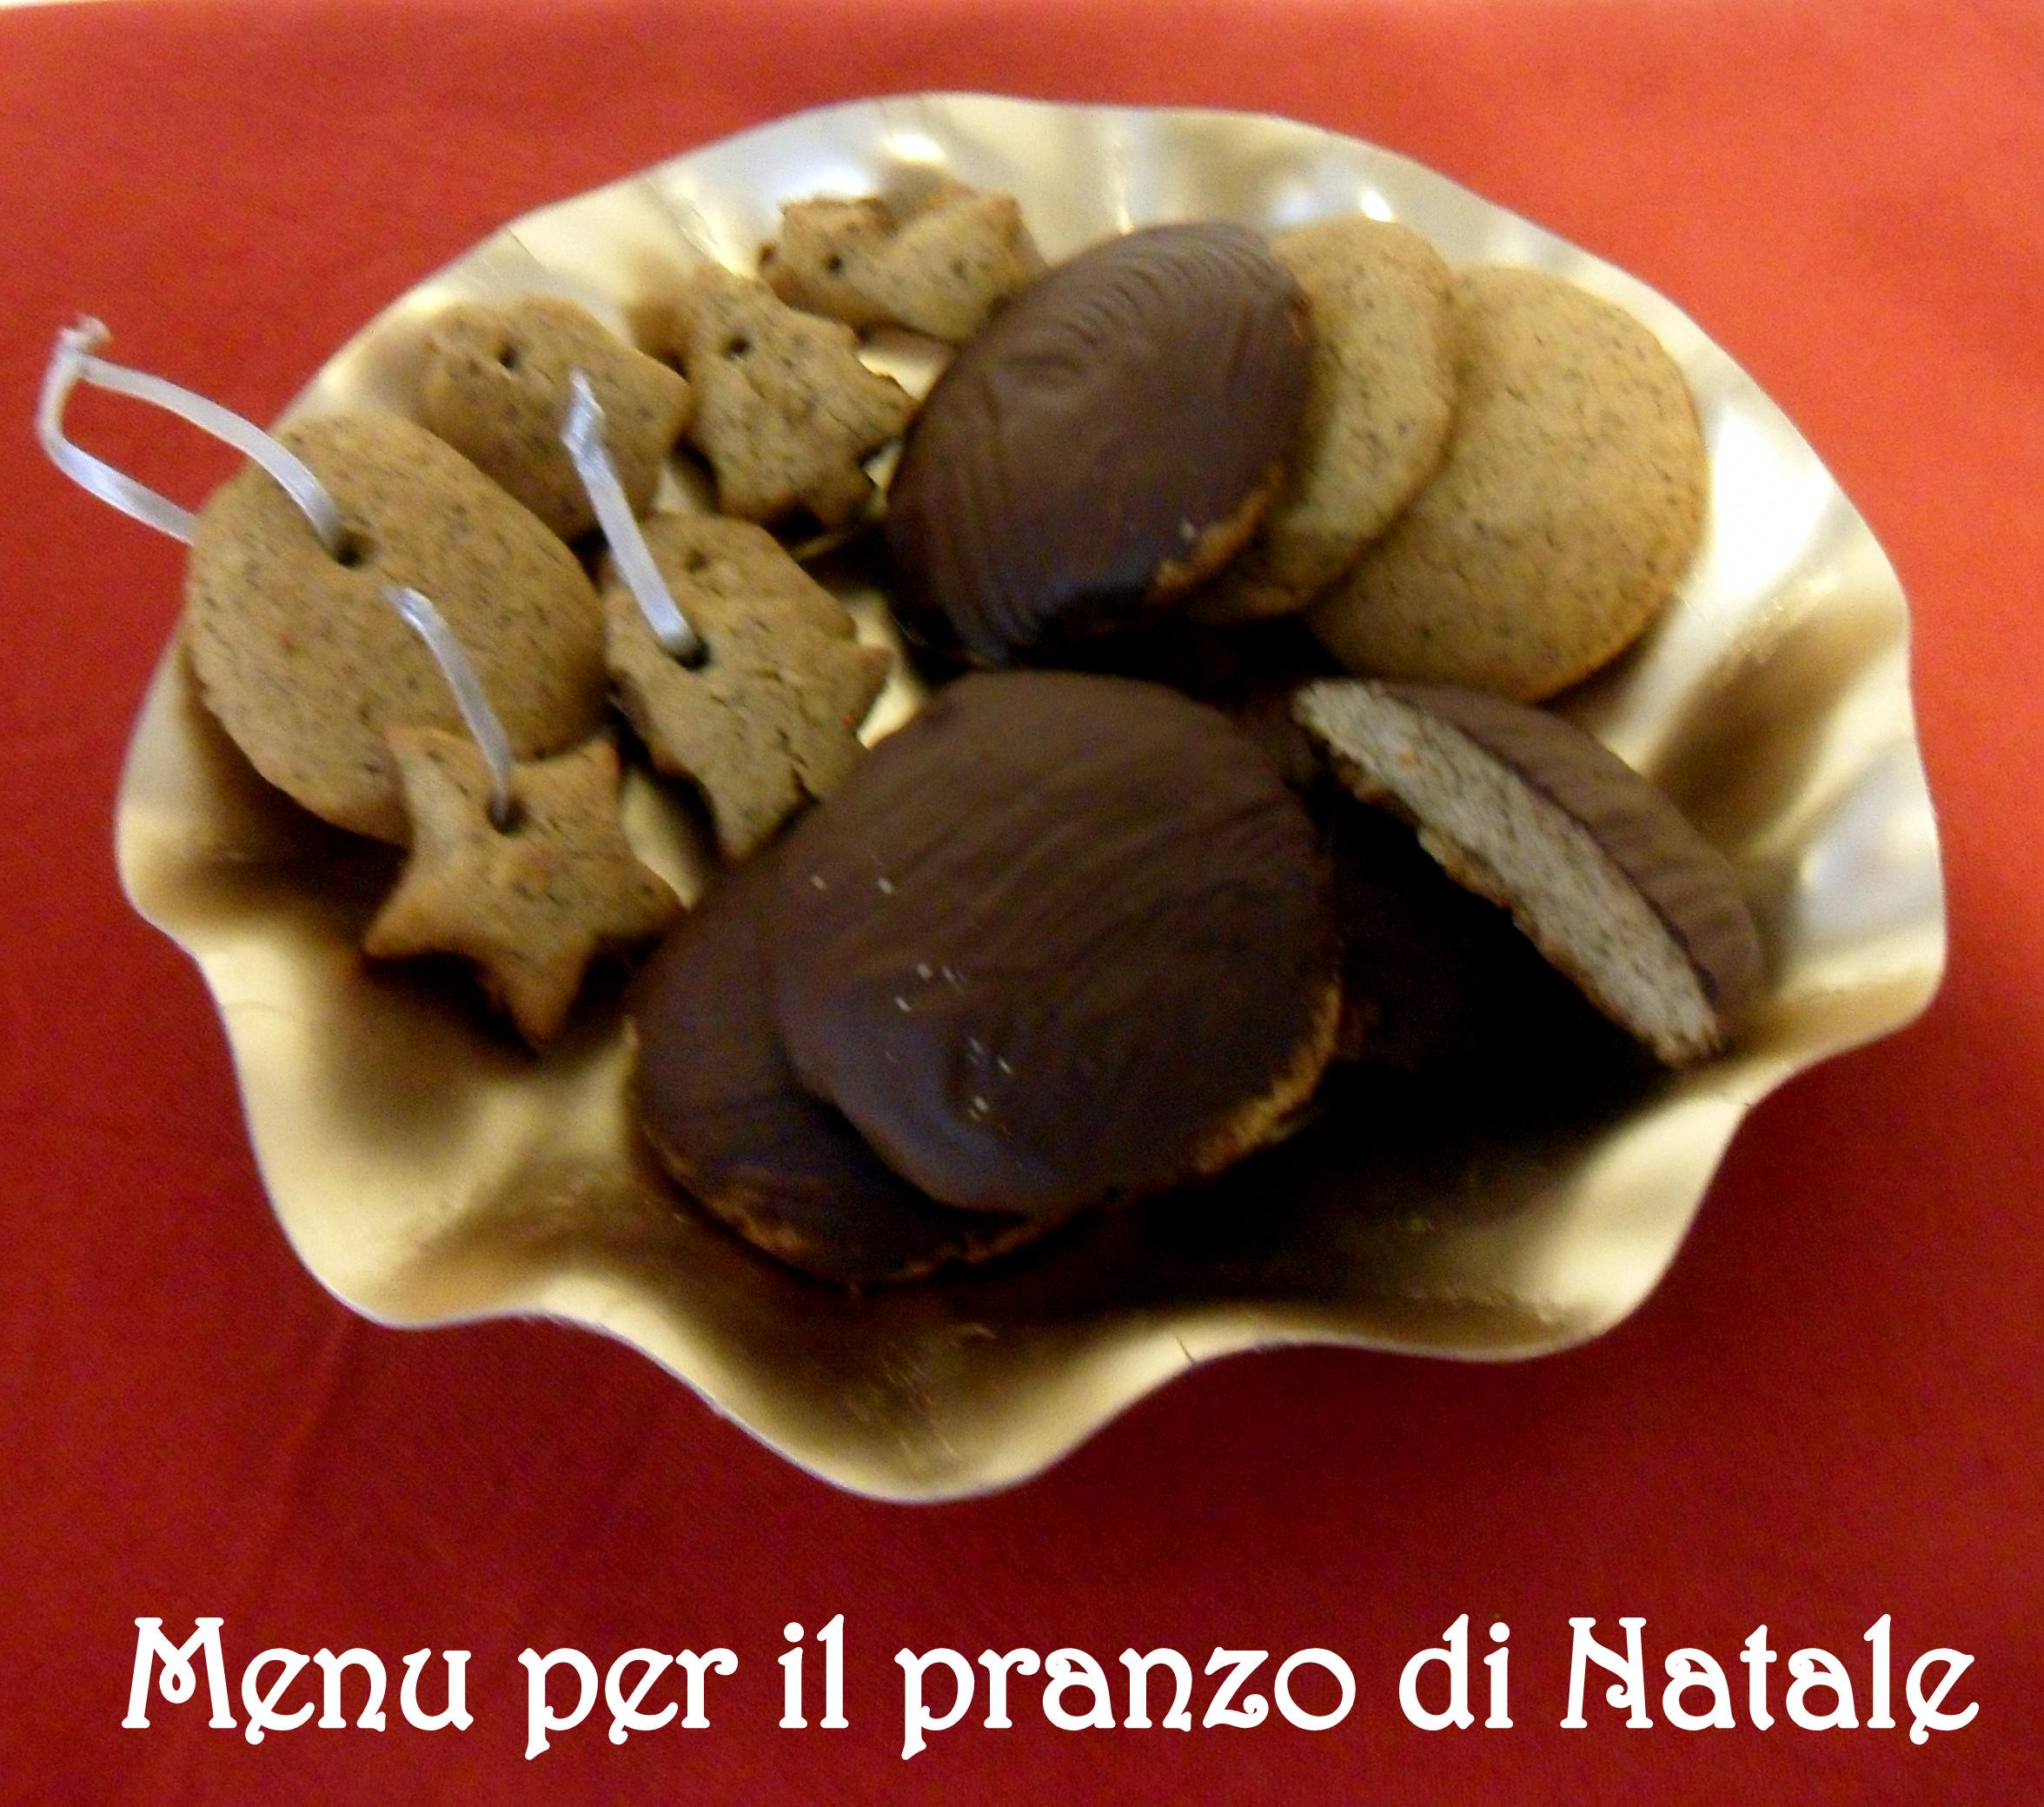 Menu di natale 2012 ricette per il pranzo del 25 - Menu per ospiti a pranzo ...